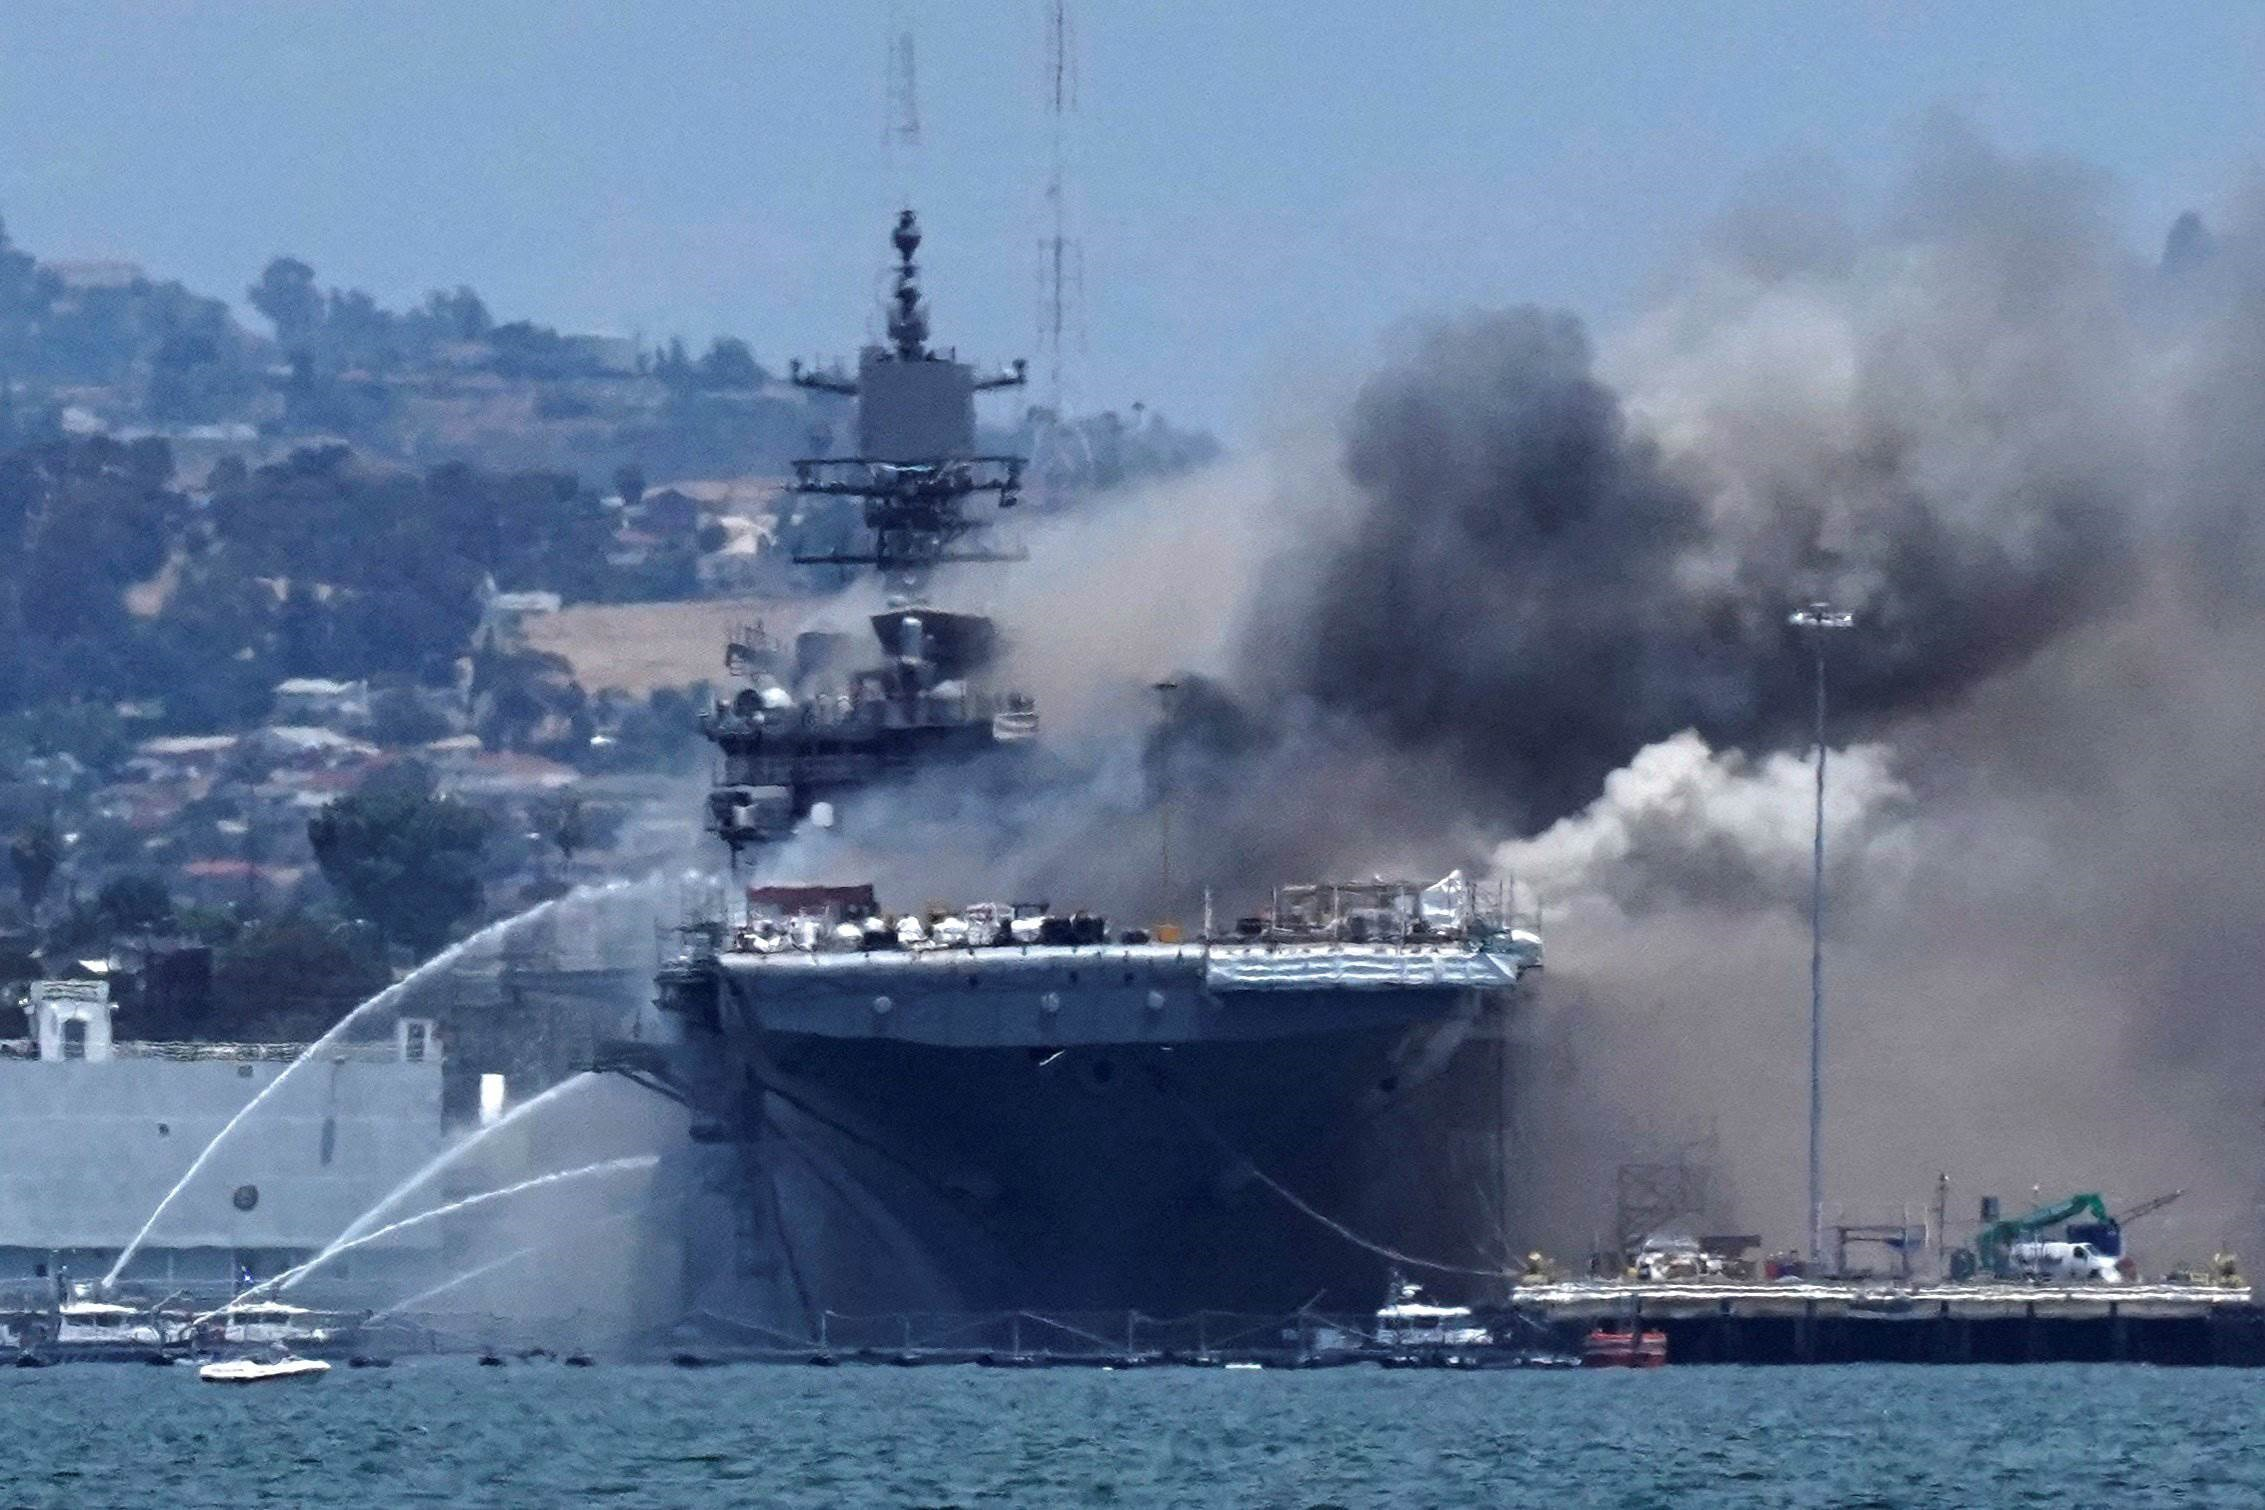 البحرية الأميركية: من السابق لأوانه نشر أيّ تنبّؤات أو قطع وعود بشأن مستقبل السفينة الحربيّة